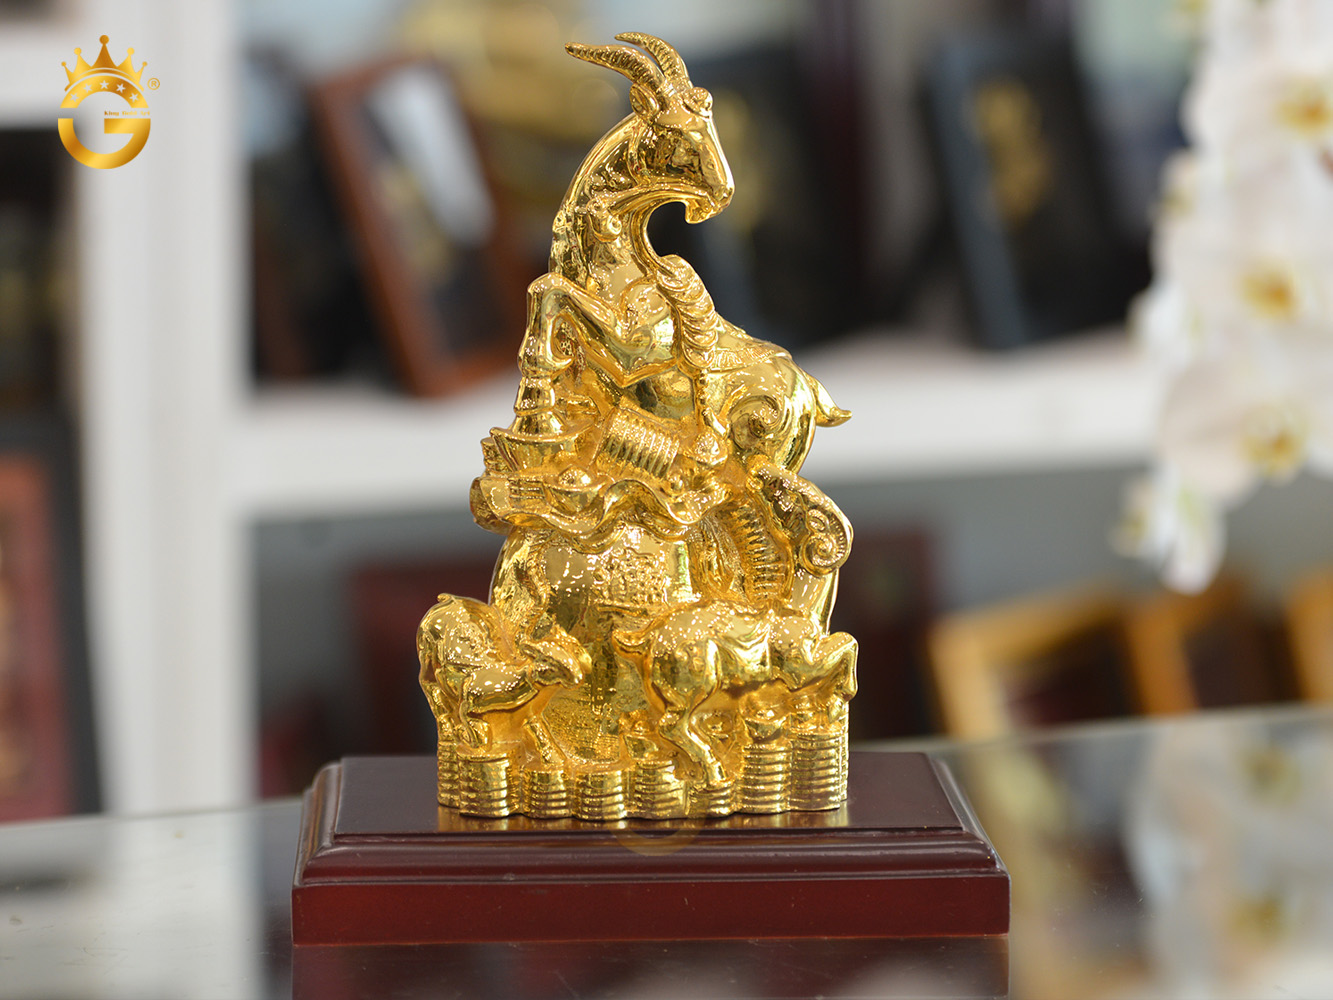 Quà tặng linh vật vàng- tượng dê mạ vàng 24k cao cấp